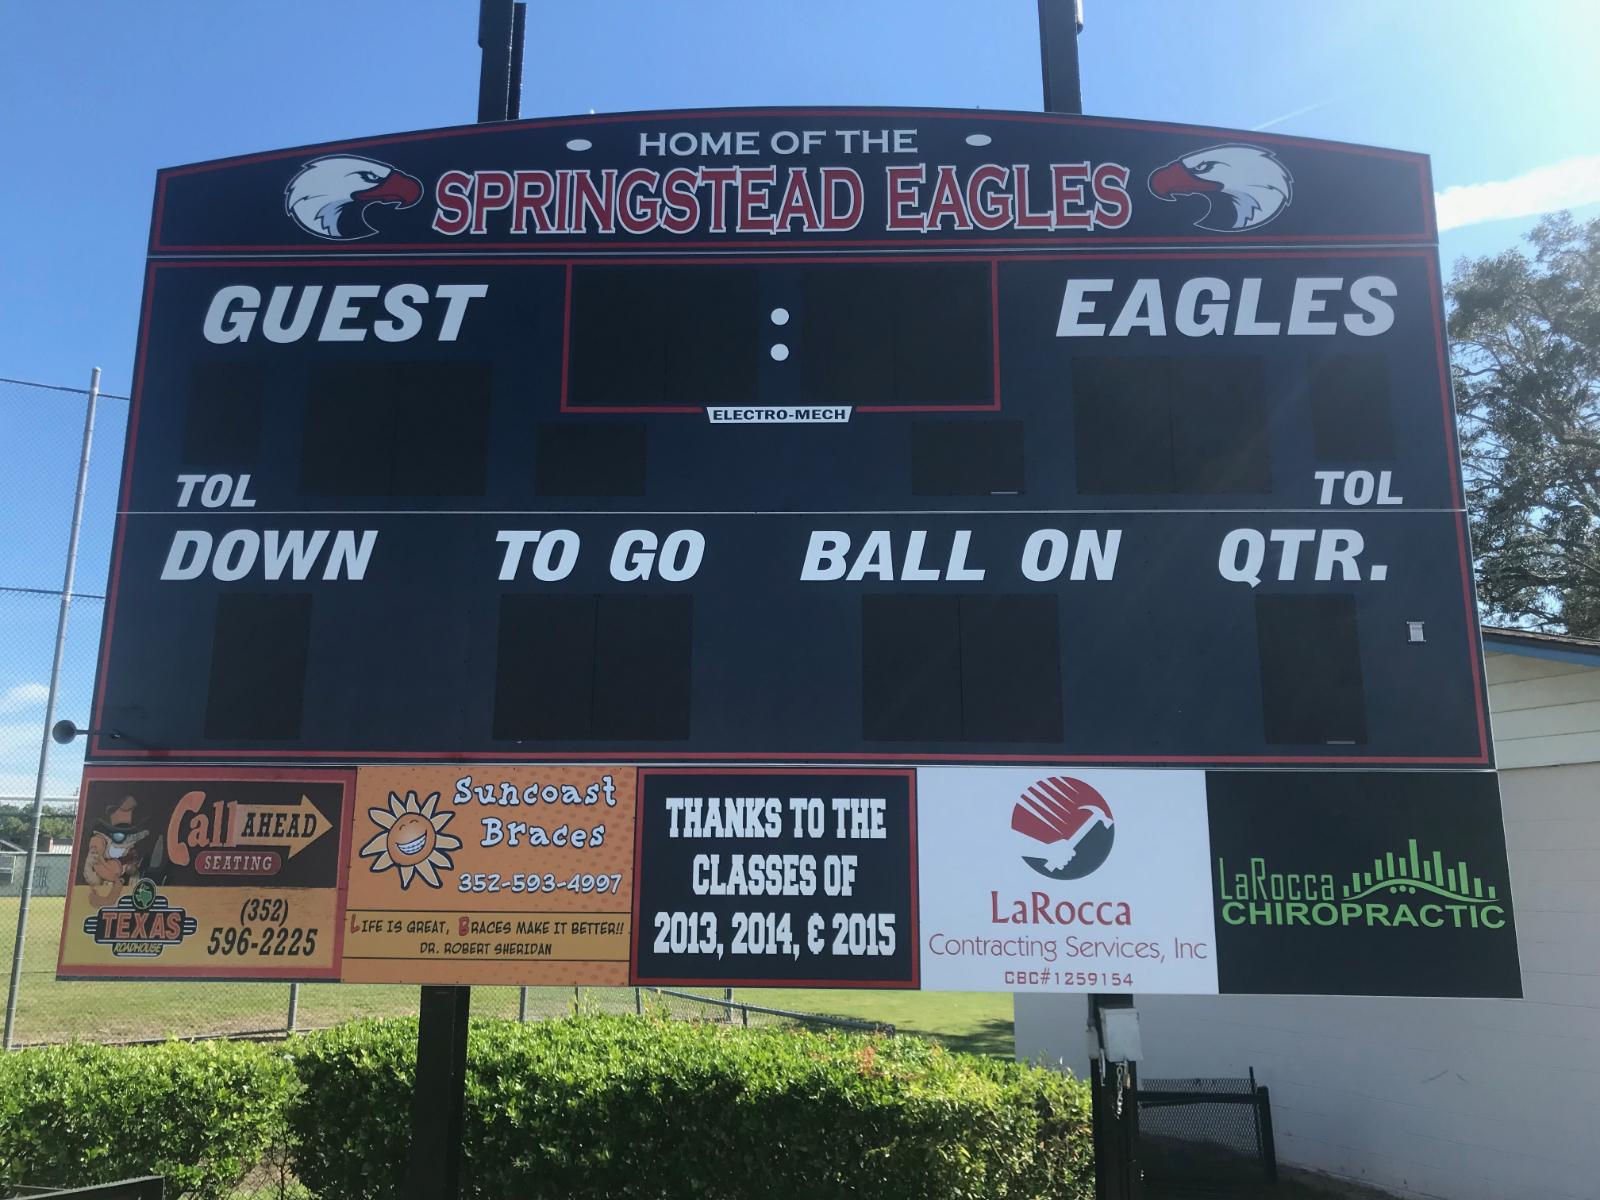 New Stadium Scoreboard Up and Running